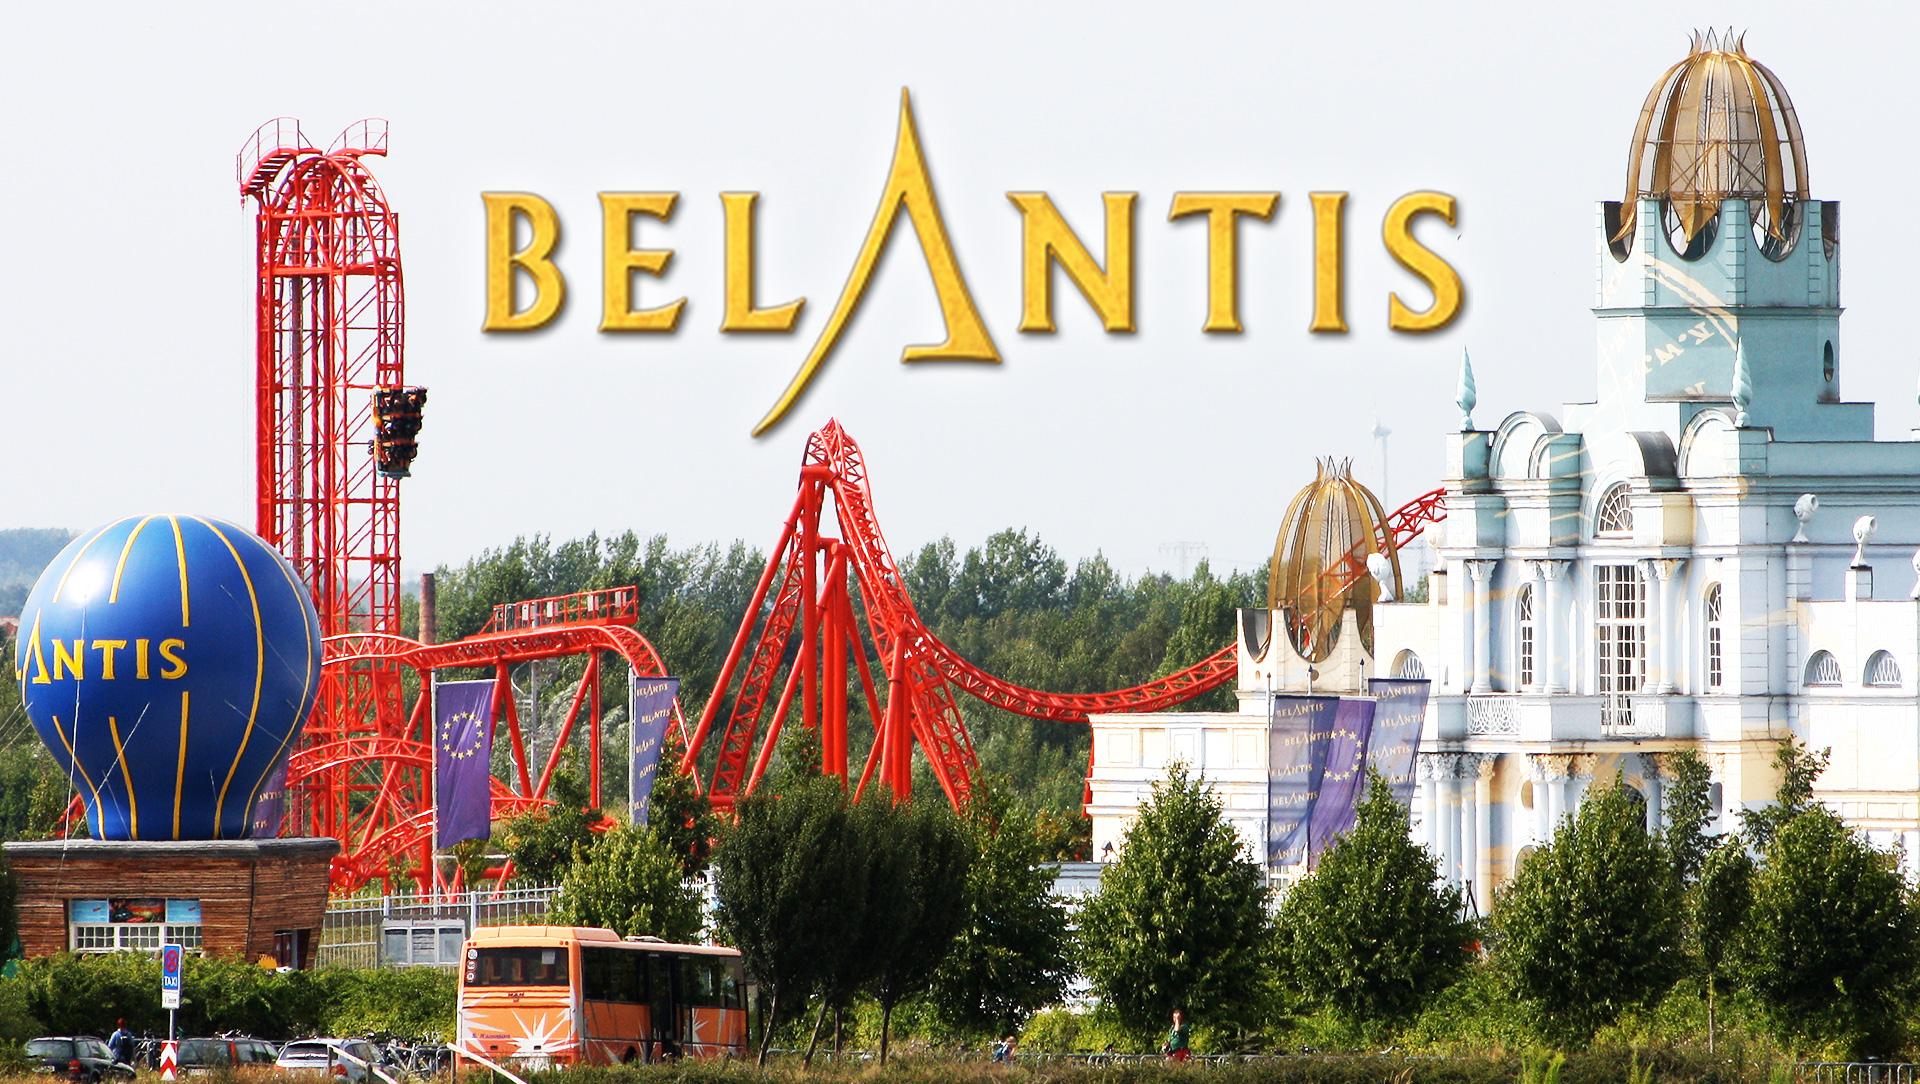 FREIZEITPARK BELANTIS - DAS ABENTEUERREICH am 06.08.2019